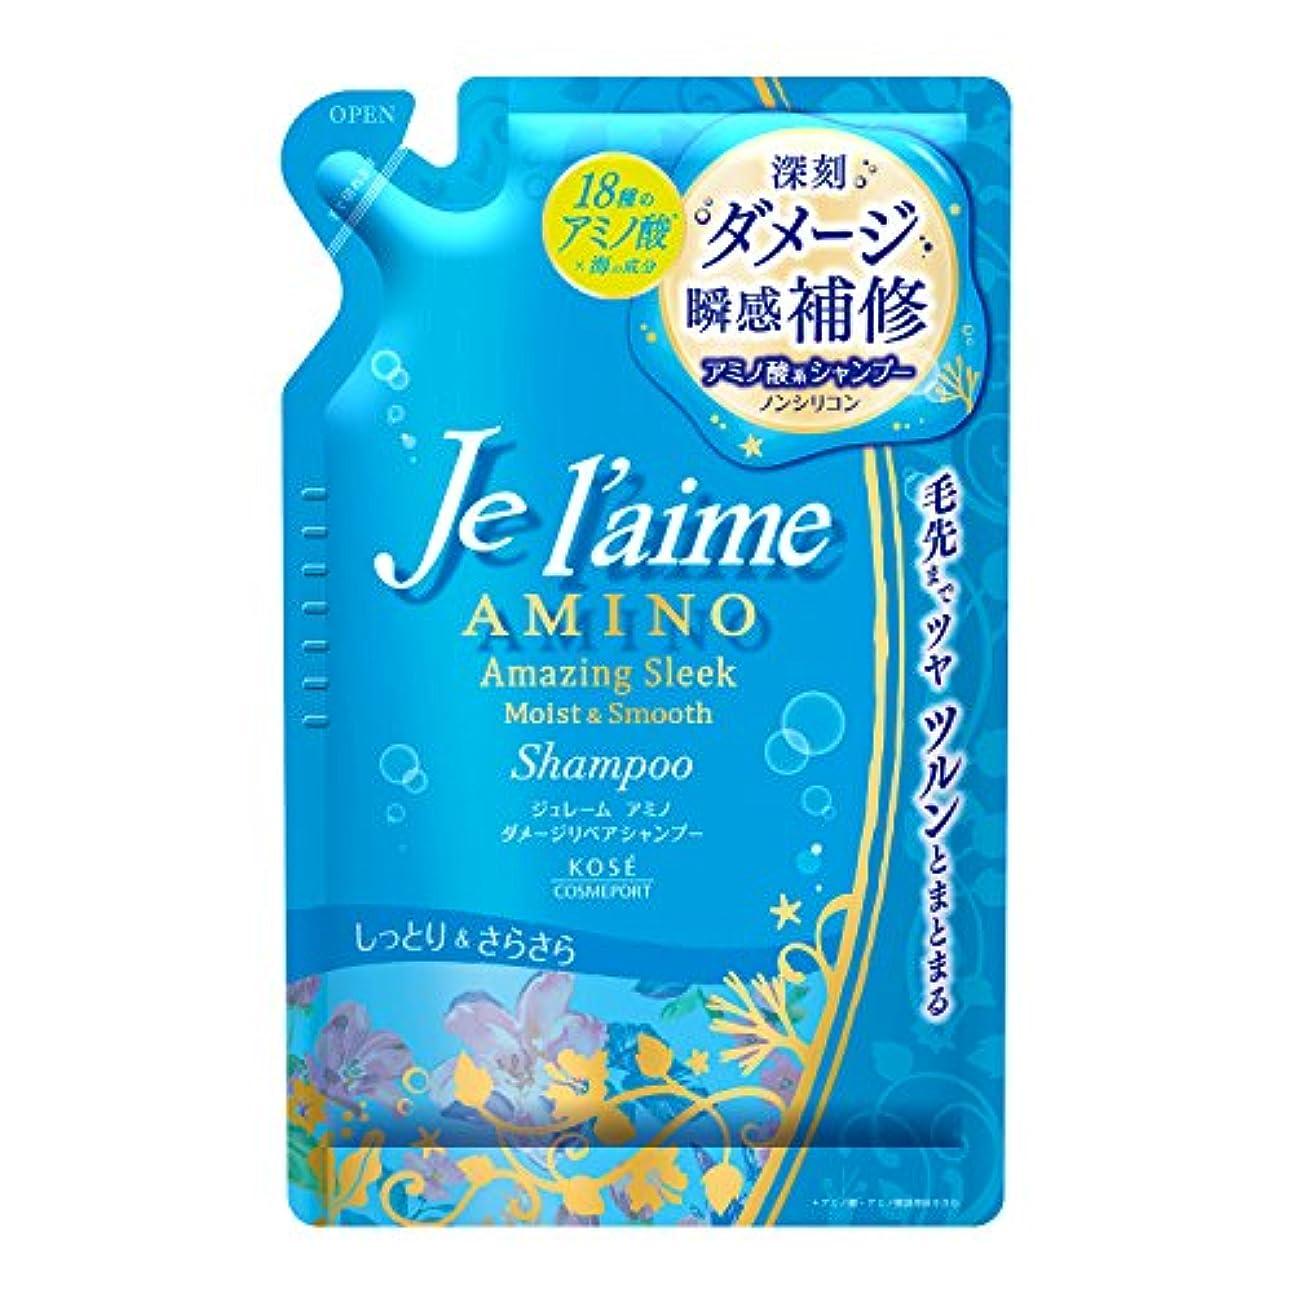 手当悪夢絶対のKOSE コーセー ジュレーム アミノ ダメージ リペア シャンプー ノンシリコン アミノ酸 配合 (モイスト & スムース) つめかえ 400ml